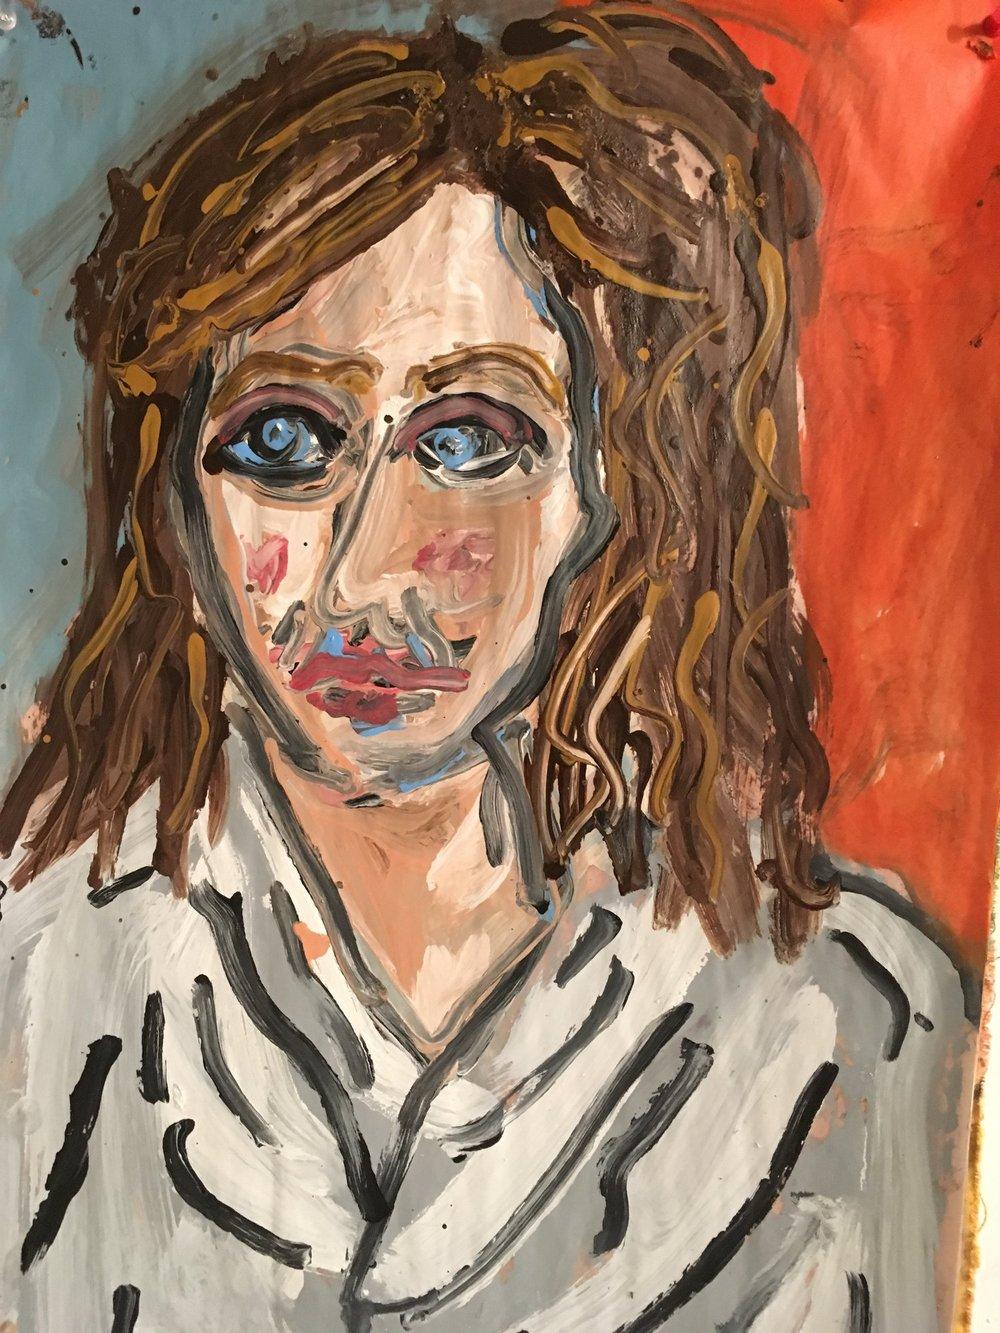 Rachel in Robe II - Oil on paper 2017